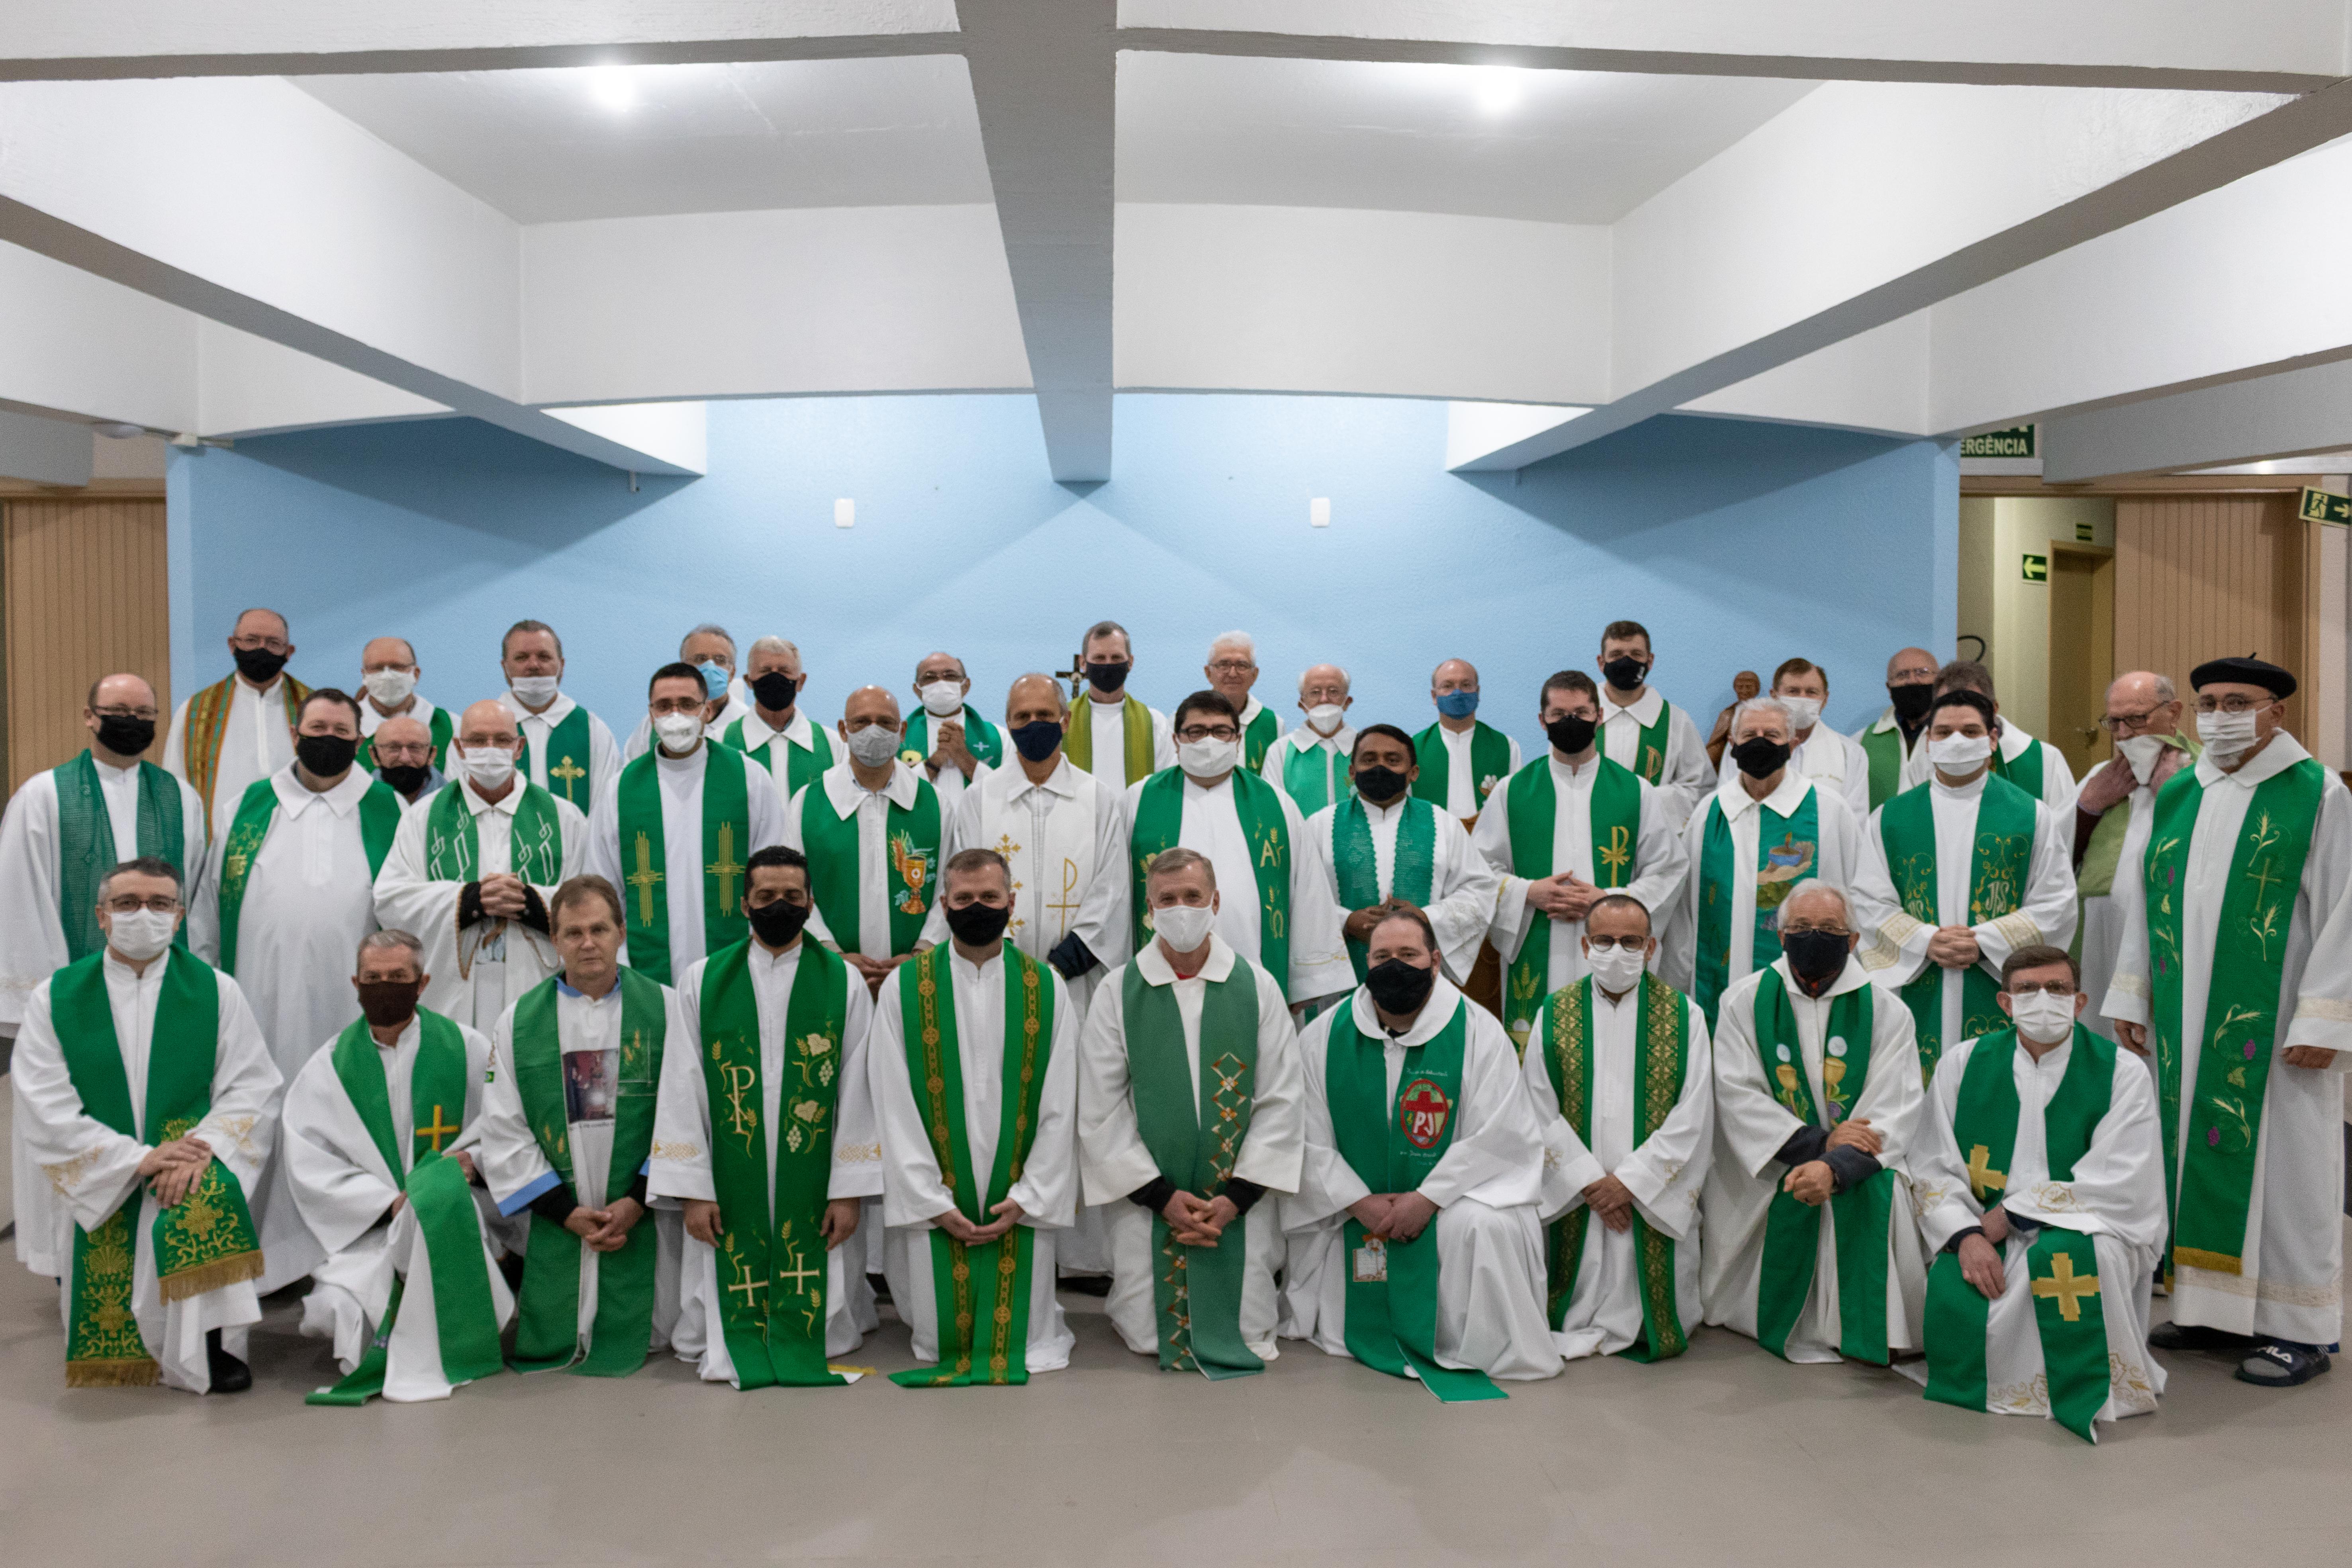 Padres da Arquidiocese de reúnem em retiro